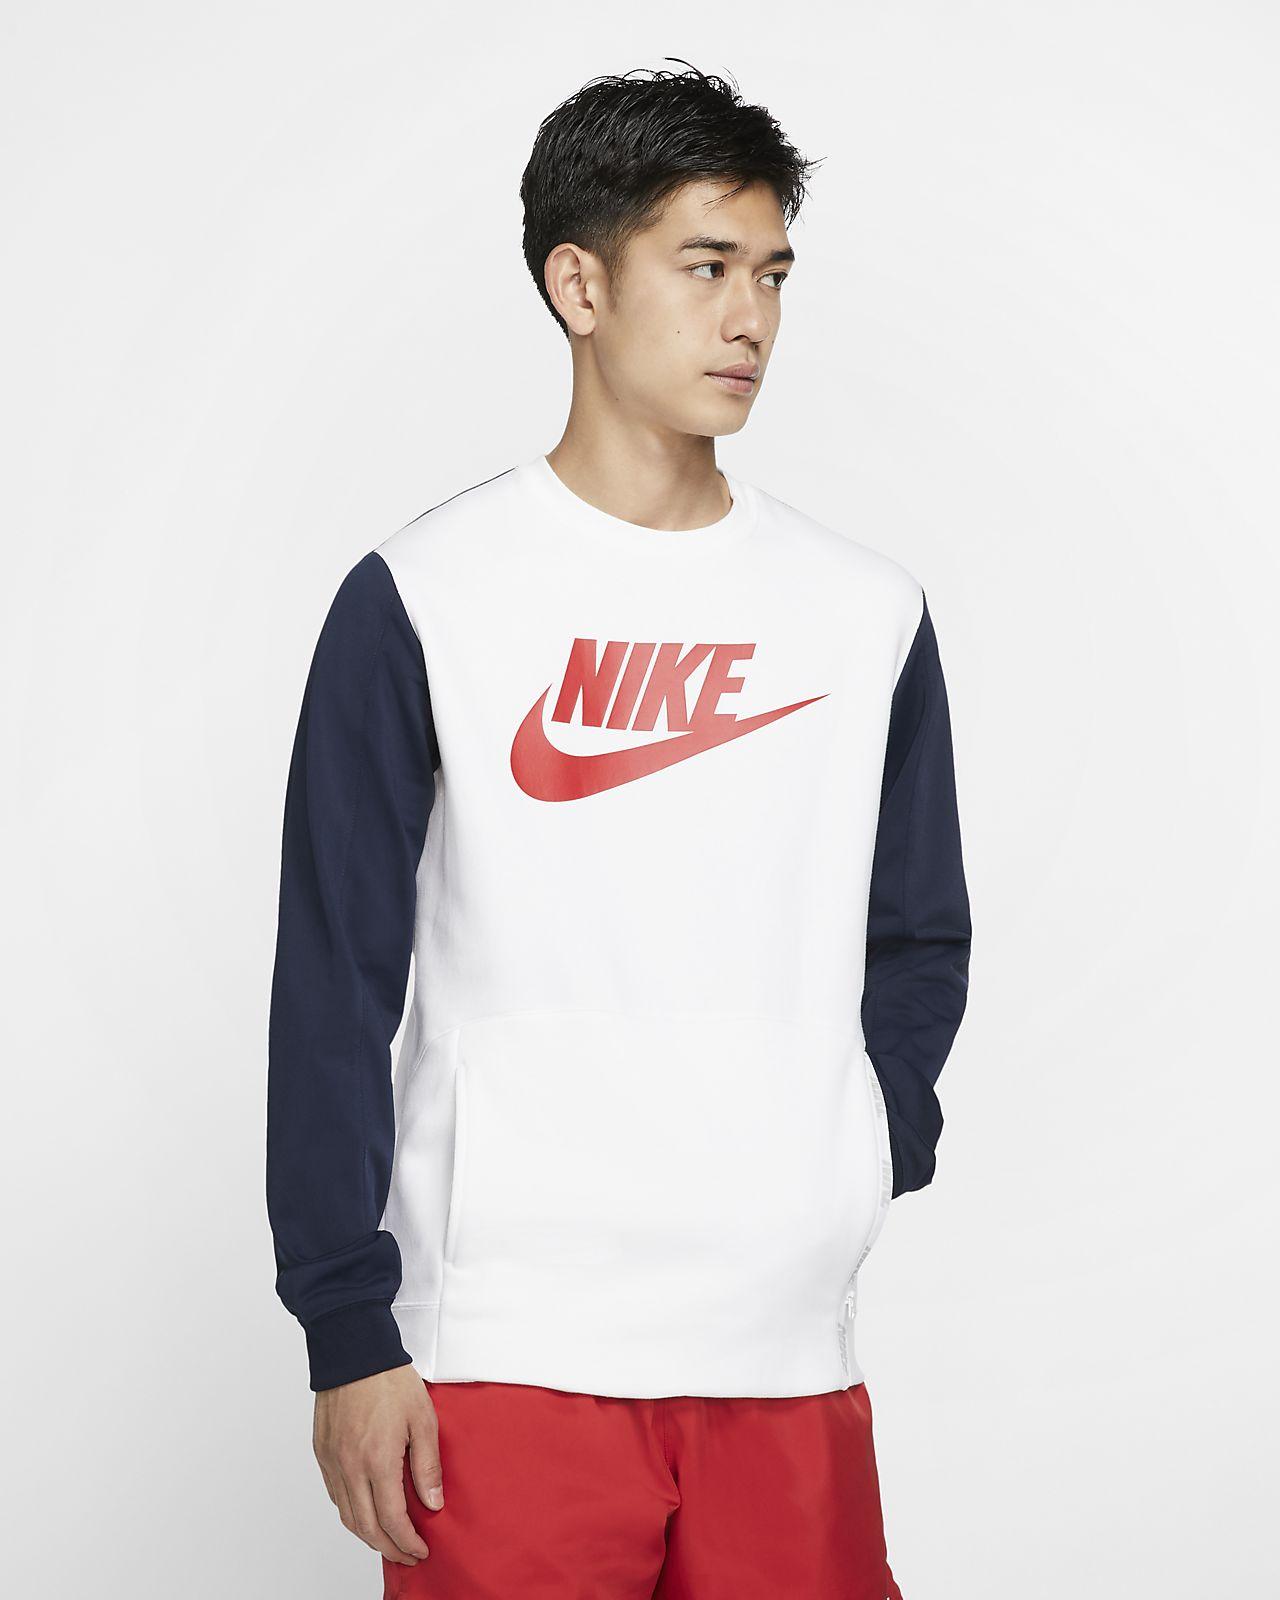 c219df96 Low Resolution Мужской свитшот Nike Sportswear Мужской свитшот Nike  Sportswear